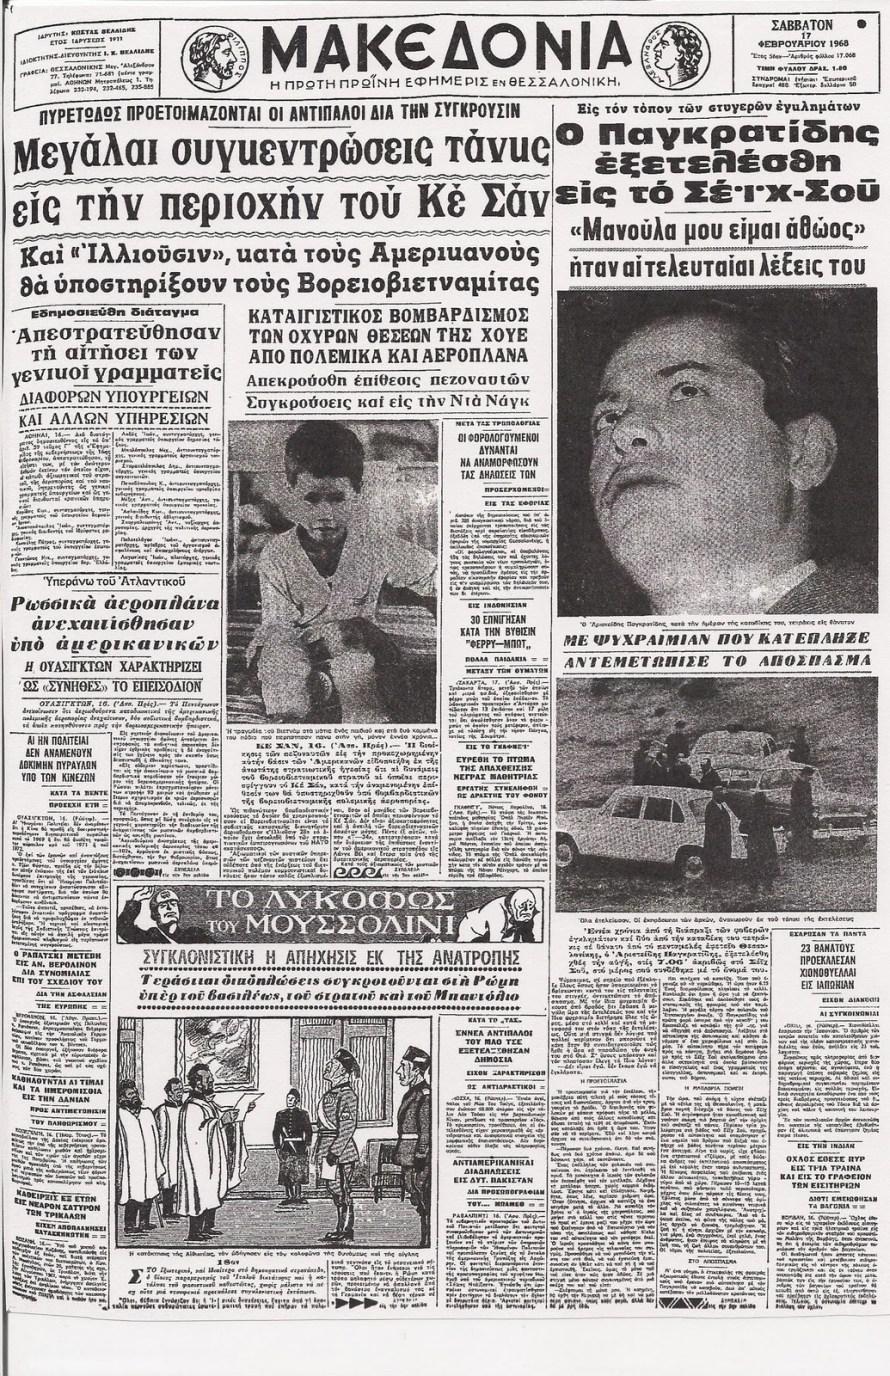 «Εφημερίδα πεταμένη στον καναπέ. Μακεδονία, φυσικά. Πρωτοσέλιδο ο Παγκρατίδης. Η εκτέλεση. Το οκτάχρονο παιδί τη μελετά αφοσιωμένο...»